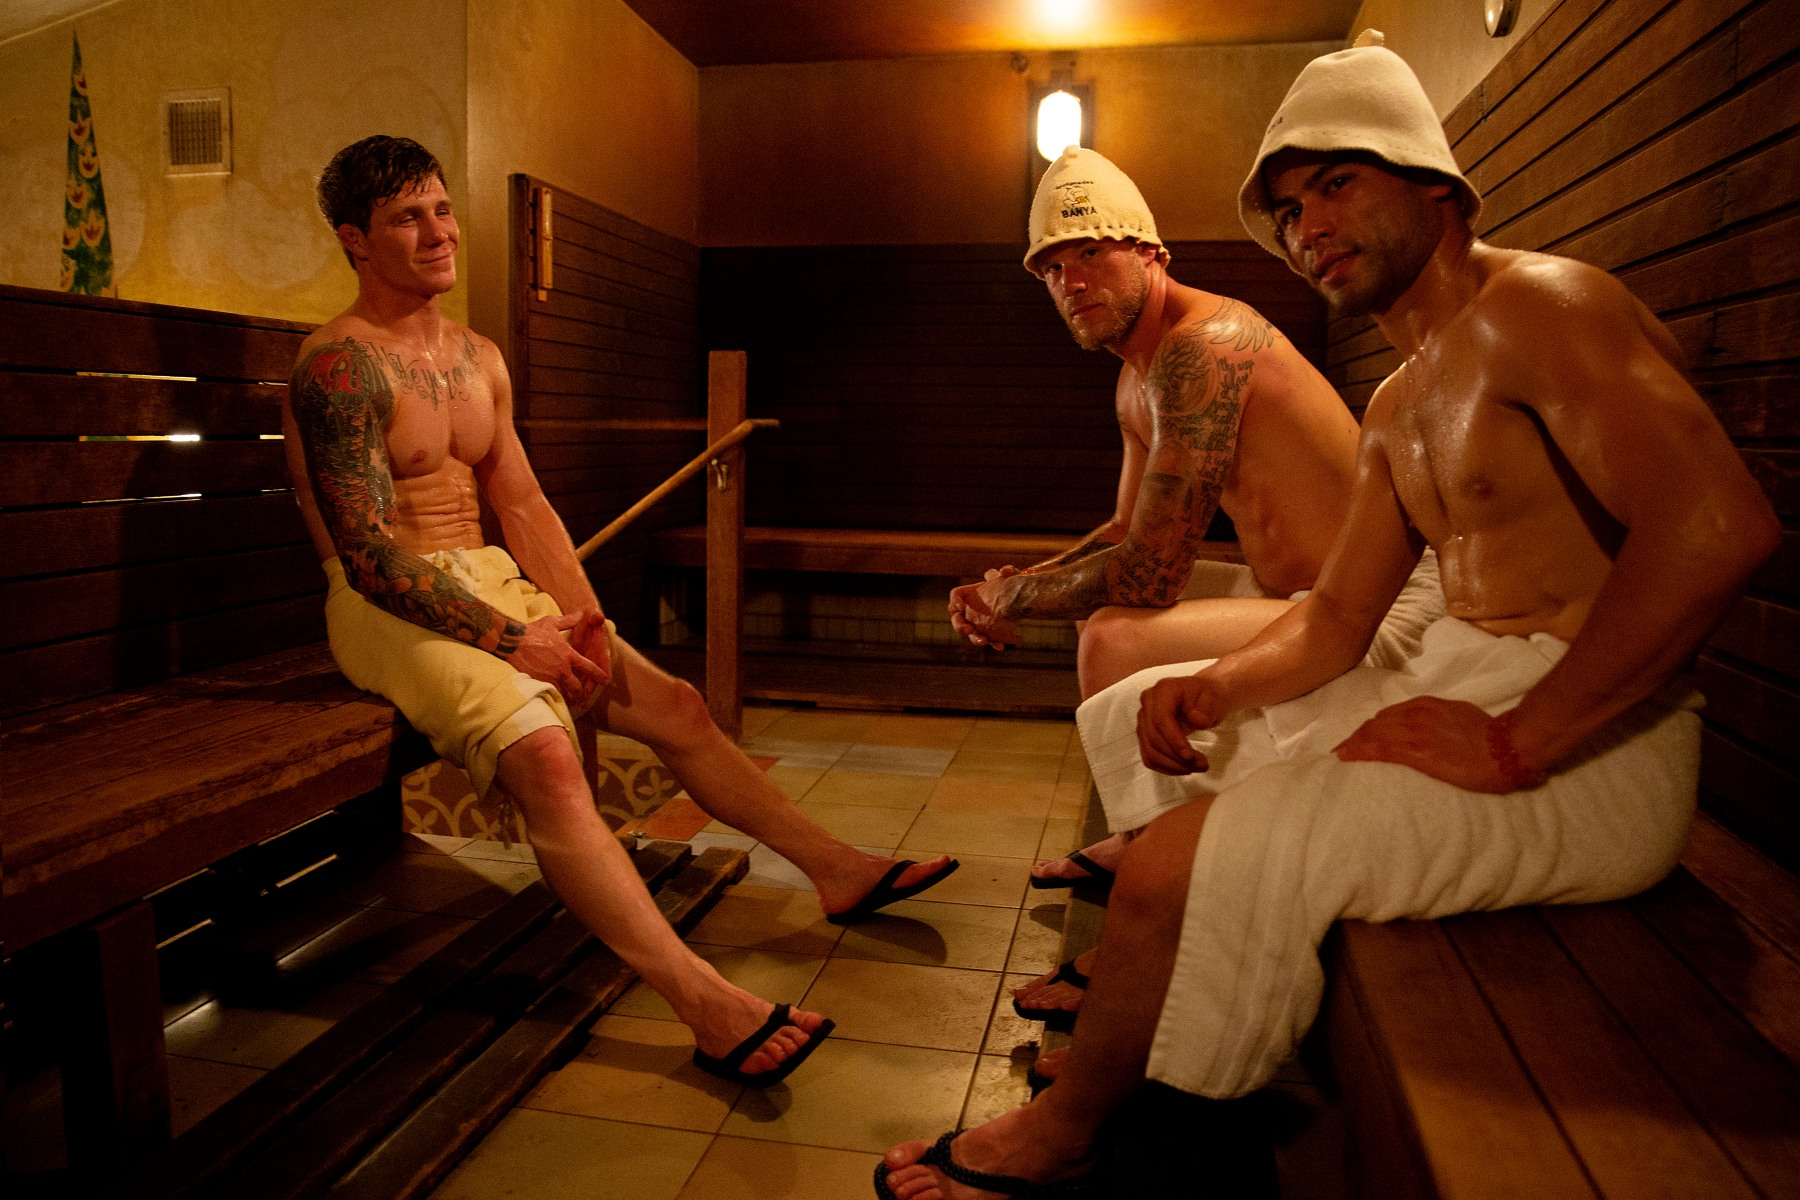 sauna at home coronavirus